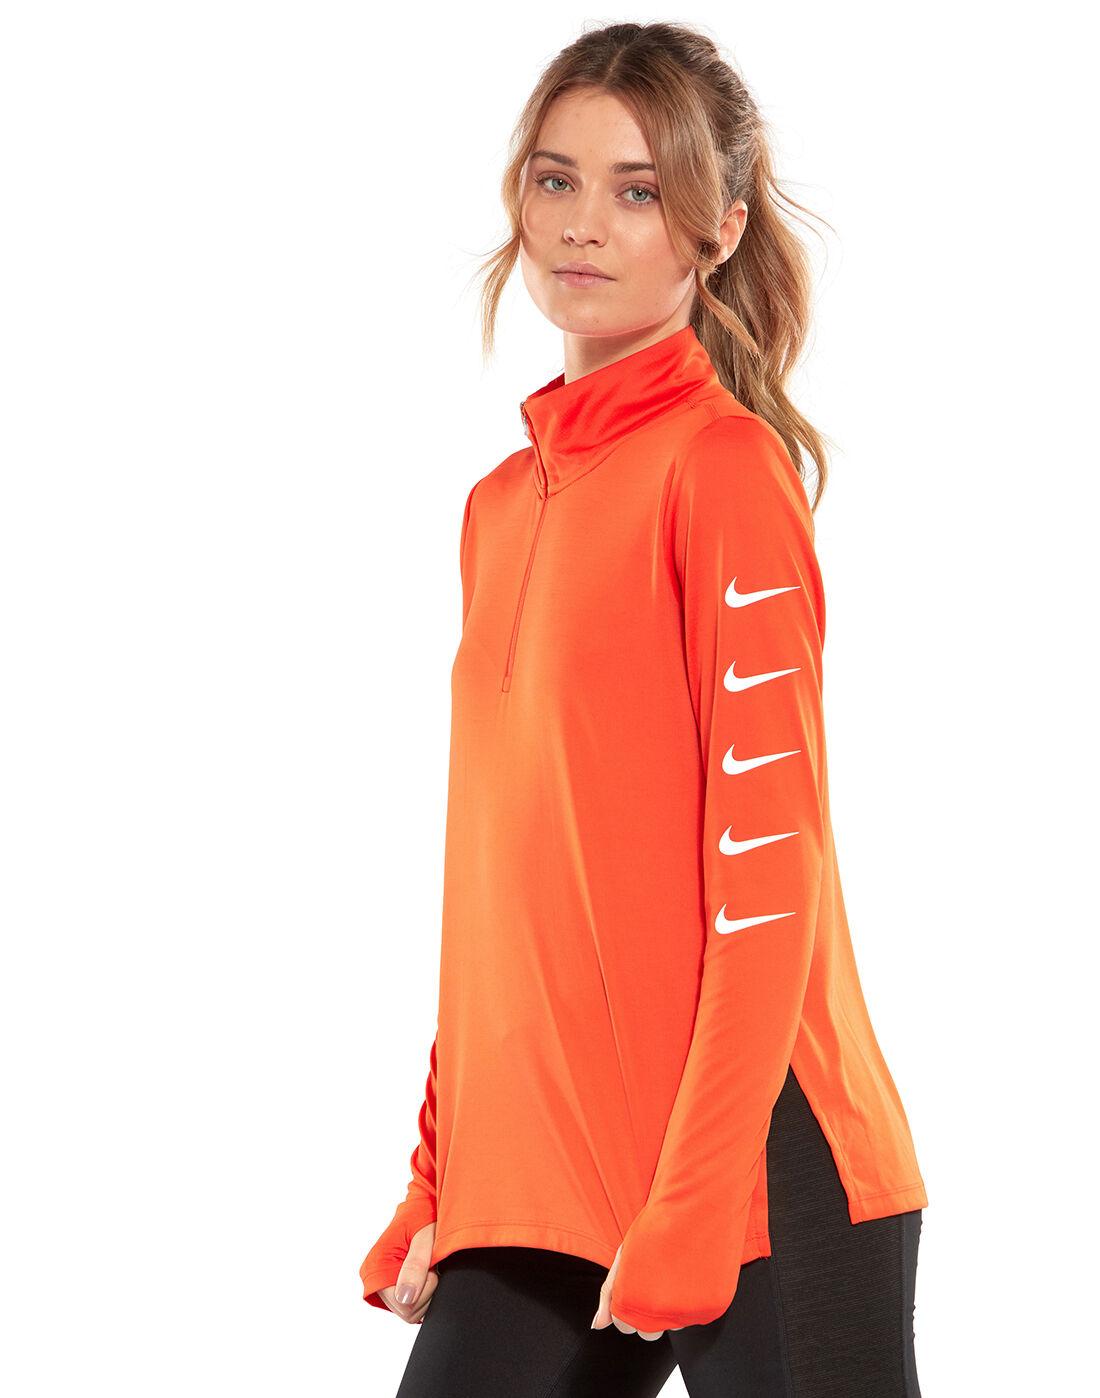 Nike Womens Swoosh Half Zip Top